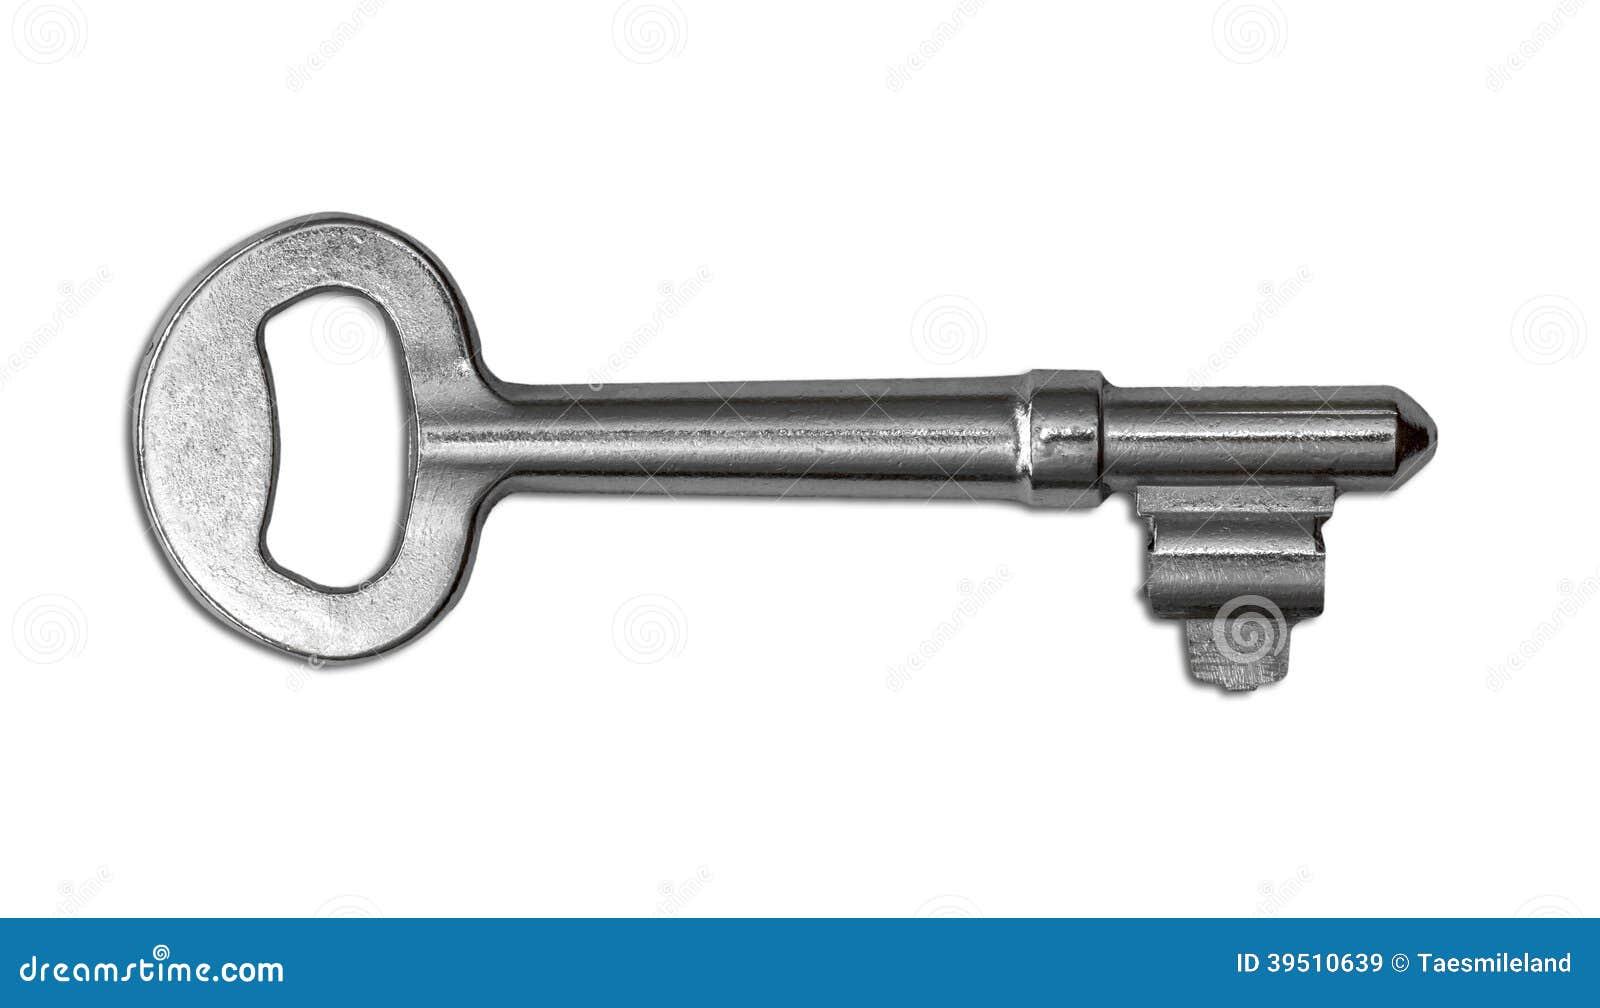 Vintage key on white